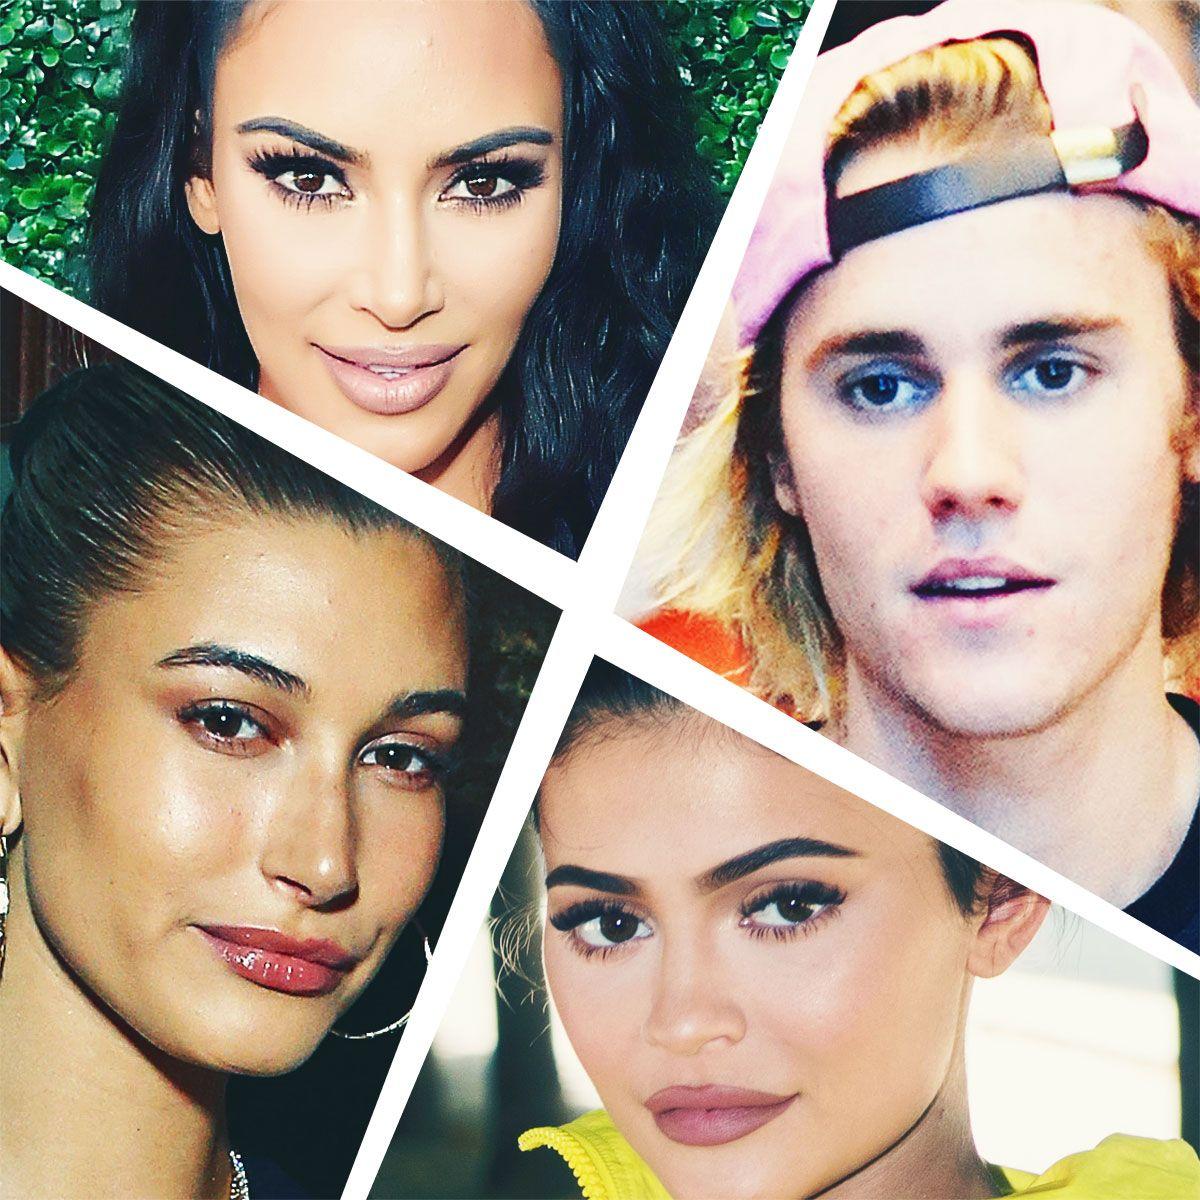 300c30fc6 Justin Bieber and Hailey Baldwin's Kardashian Connections